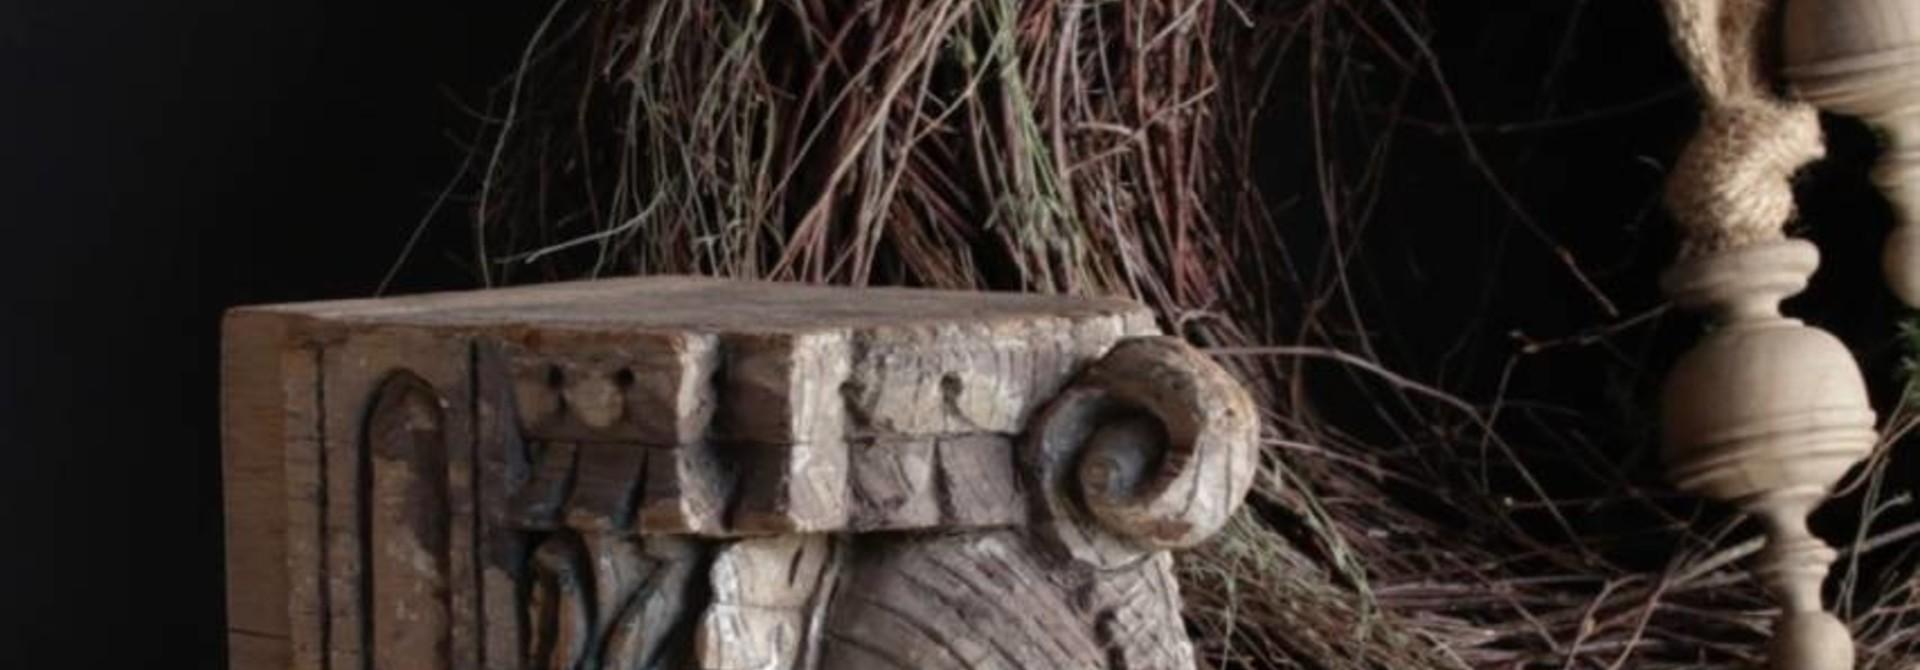 Indischer Elefant Ornament auf Stahlbasis